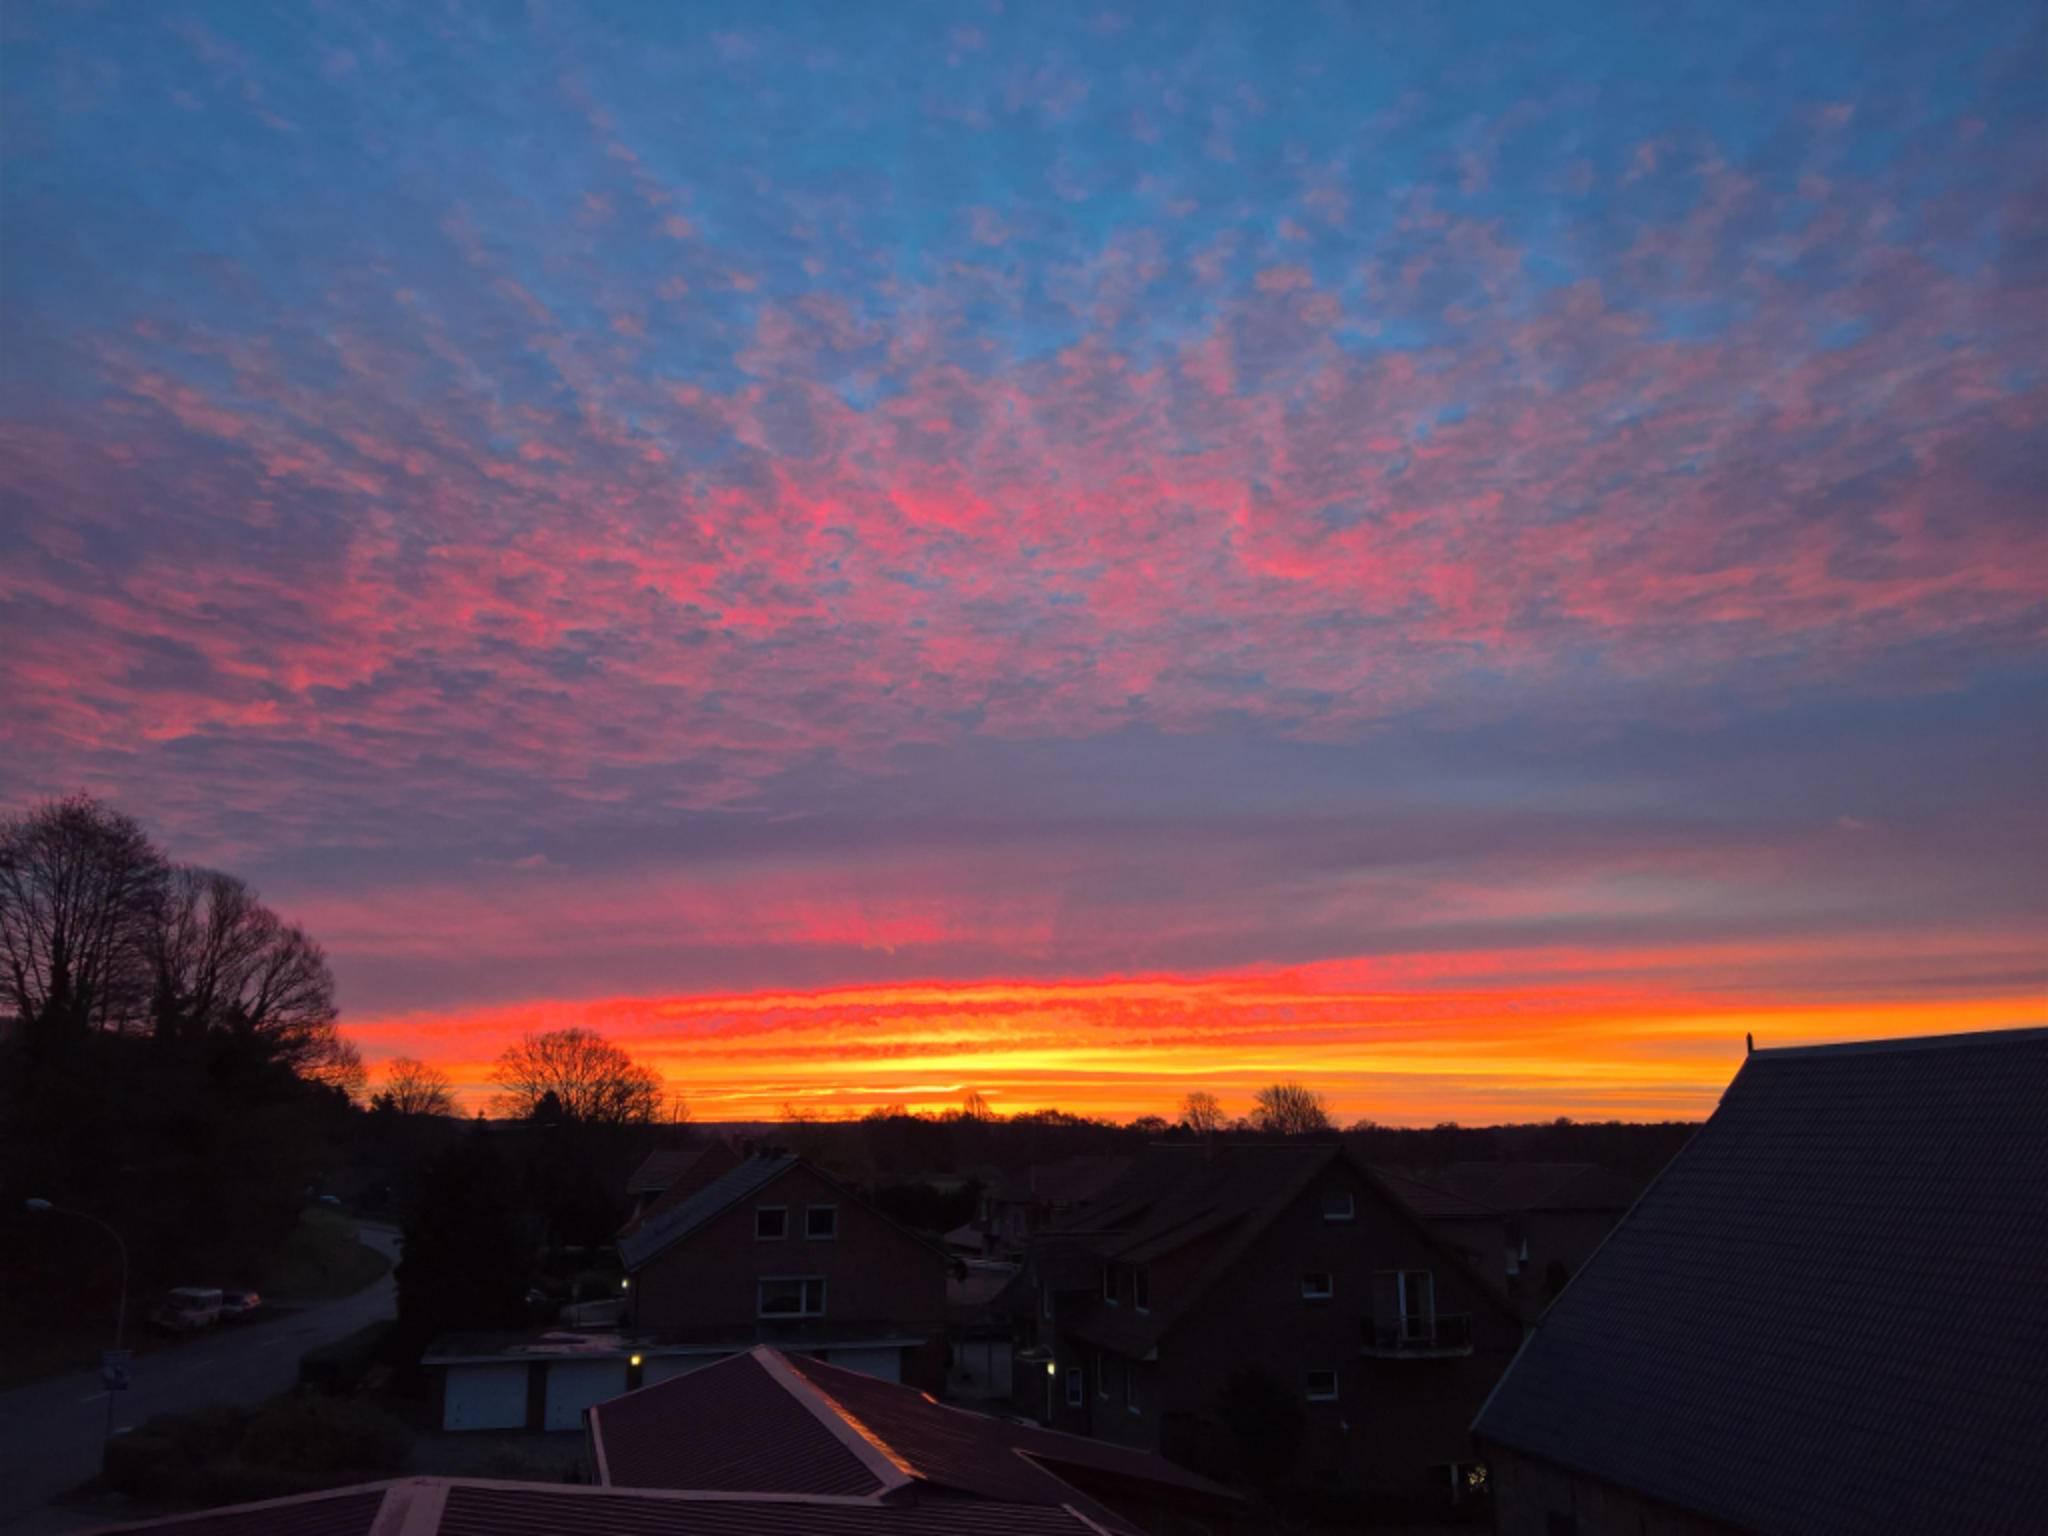 Zur Abwechslung noch ein Sonnenuntergang.